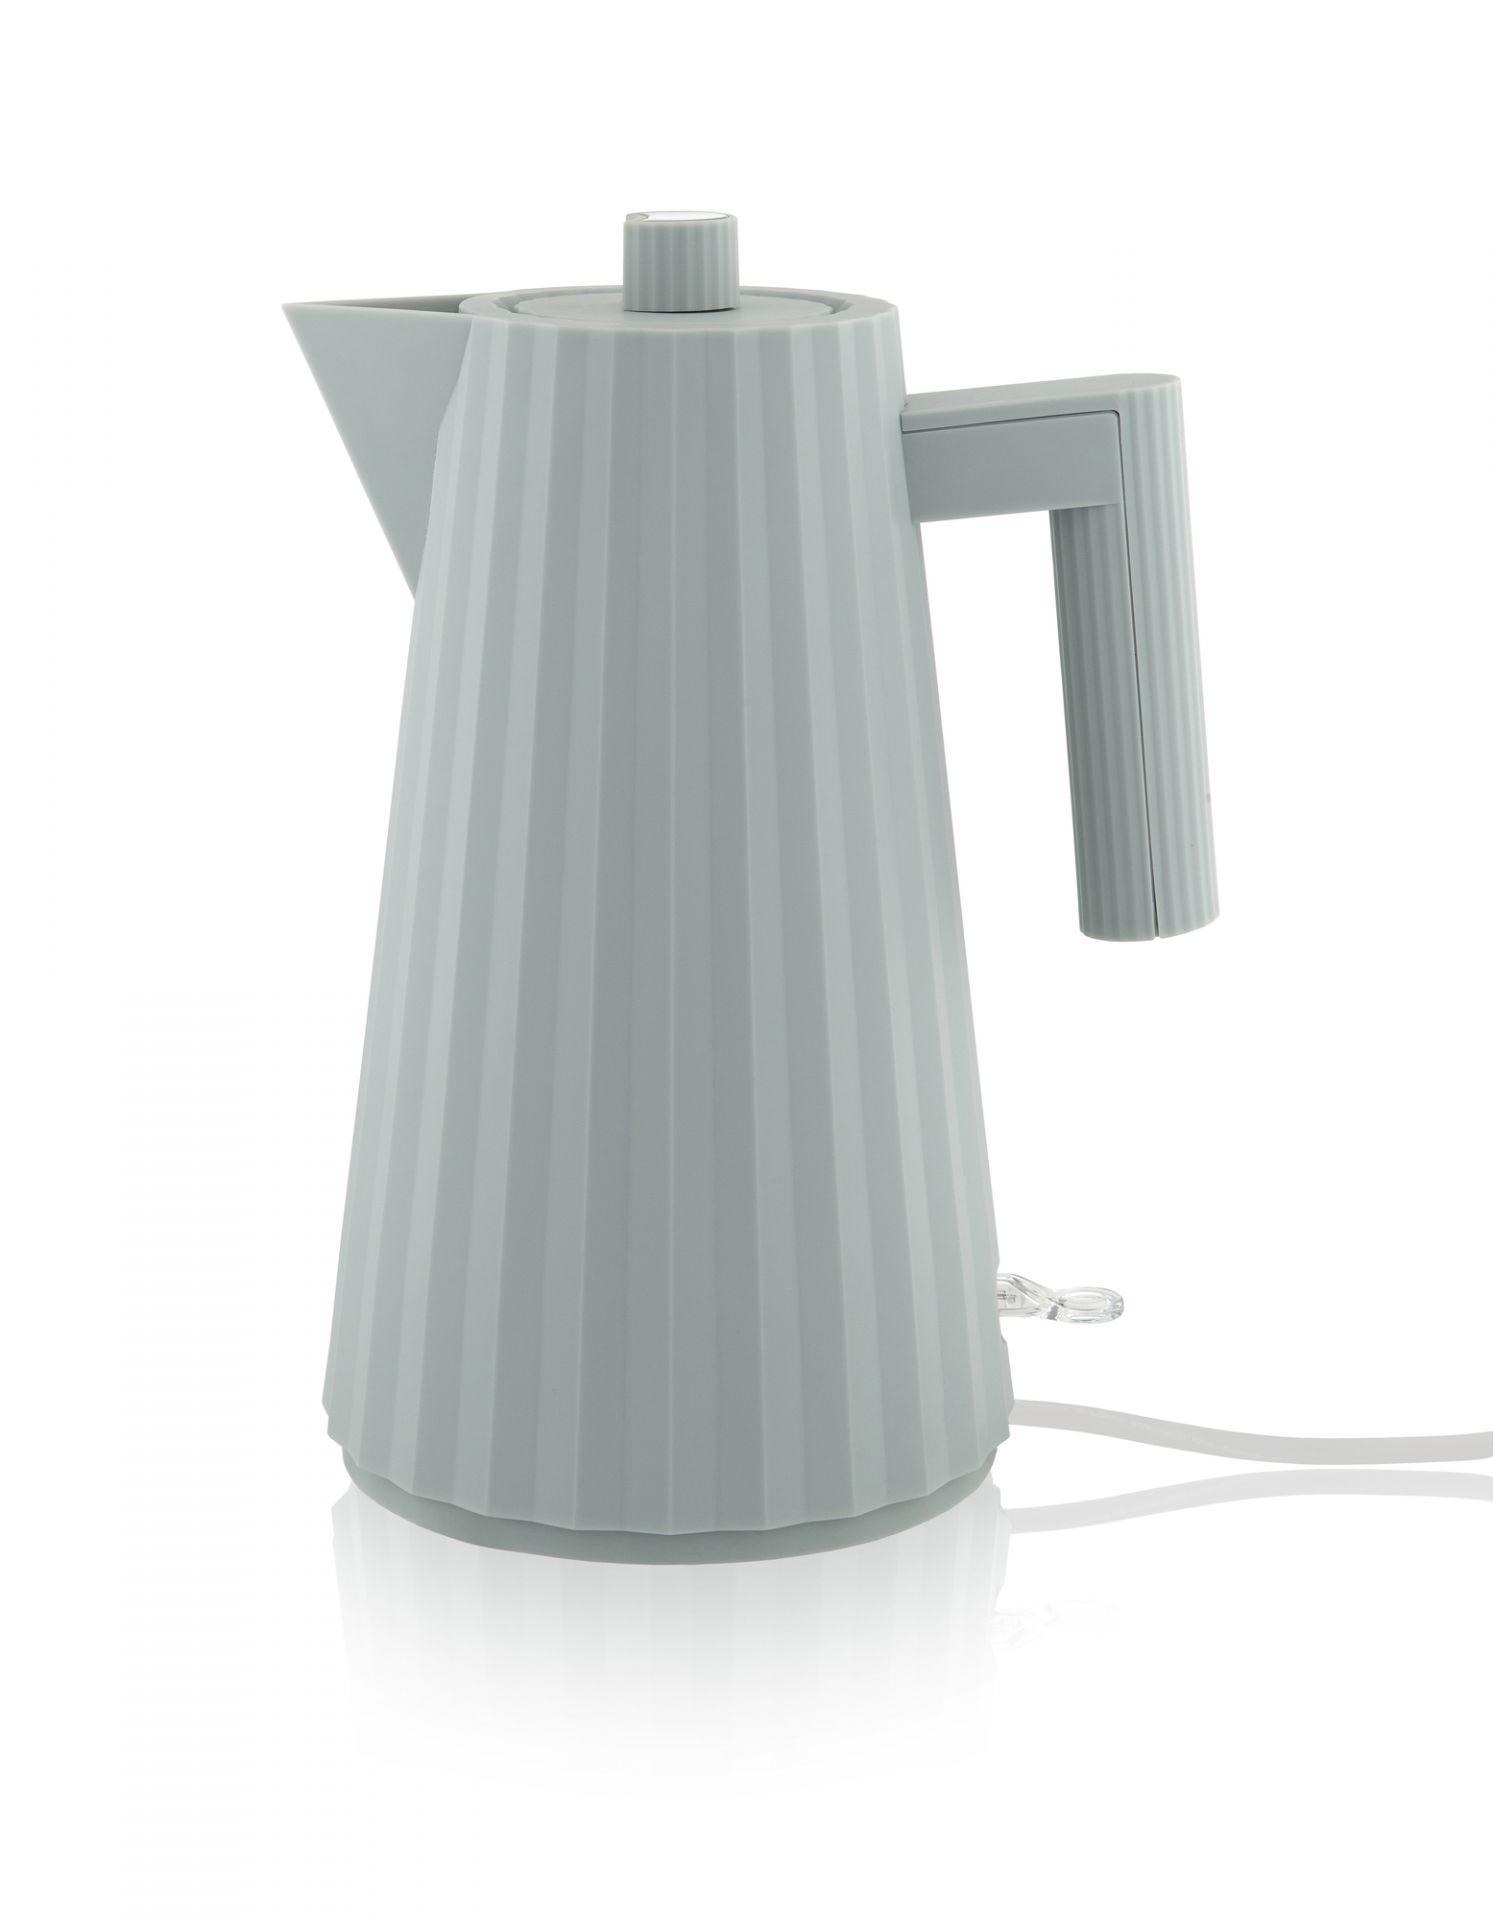 Plissé Wasserkocher Grau Alessi